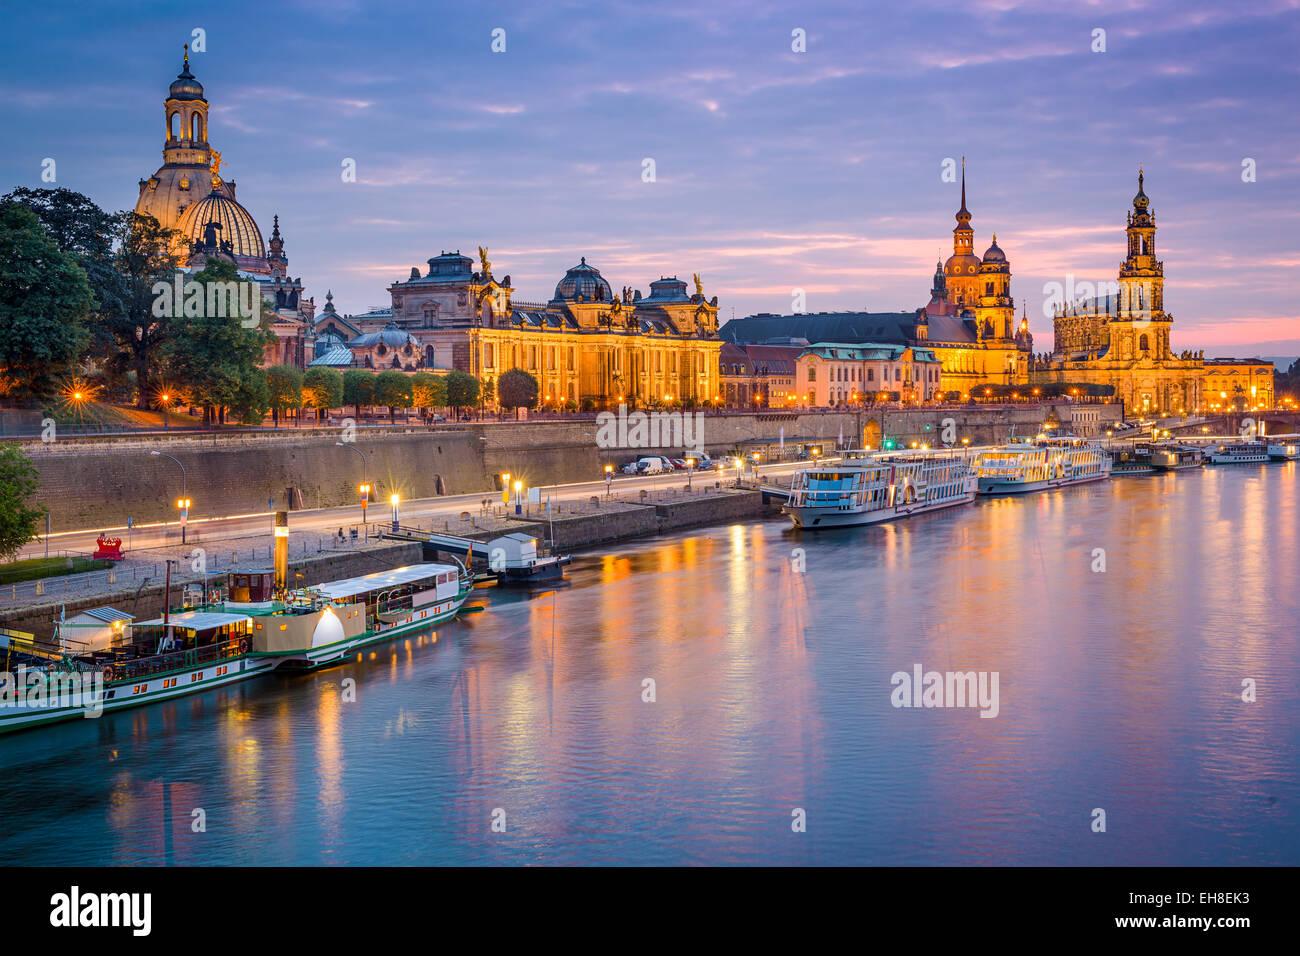 Dresde, Allemagne vieille ville skyline, sur l'Elbe. Photo Stock